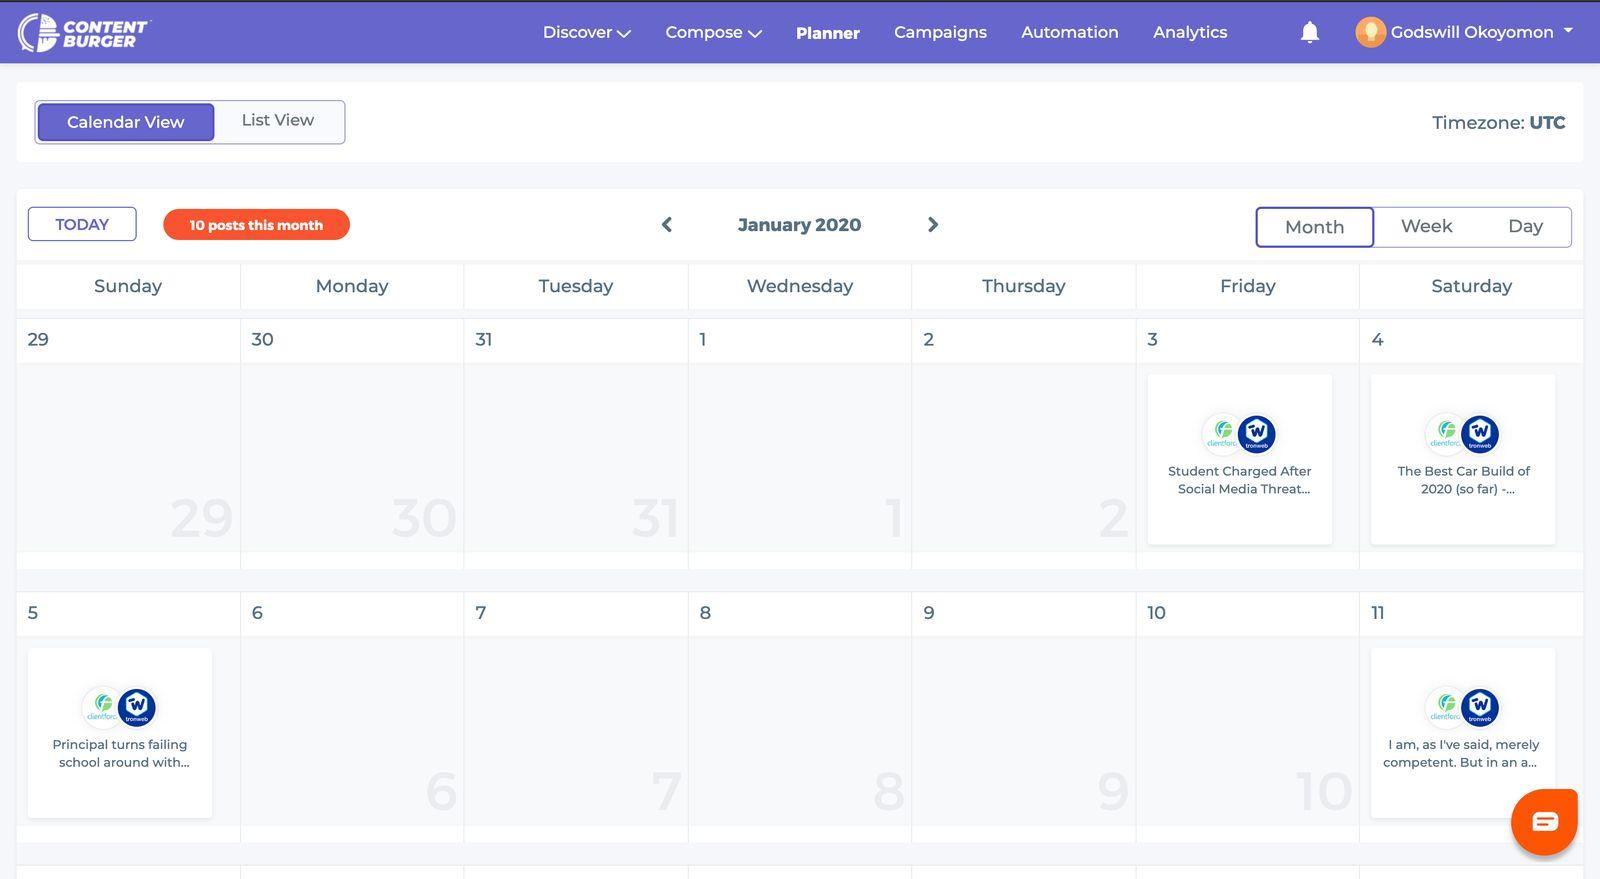 ContentBurger-Planner